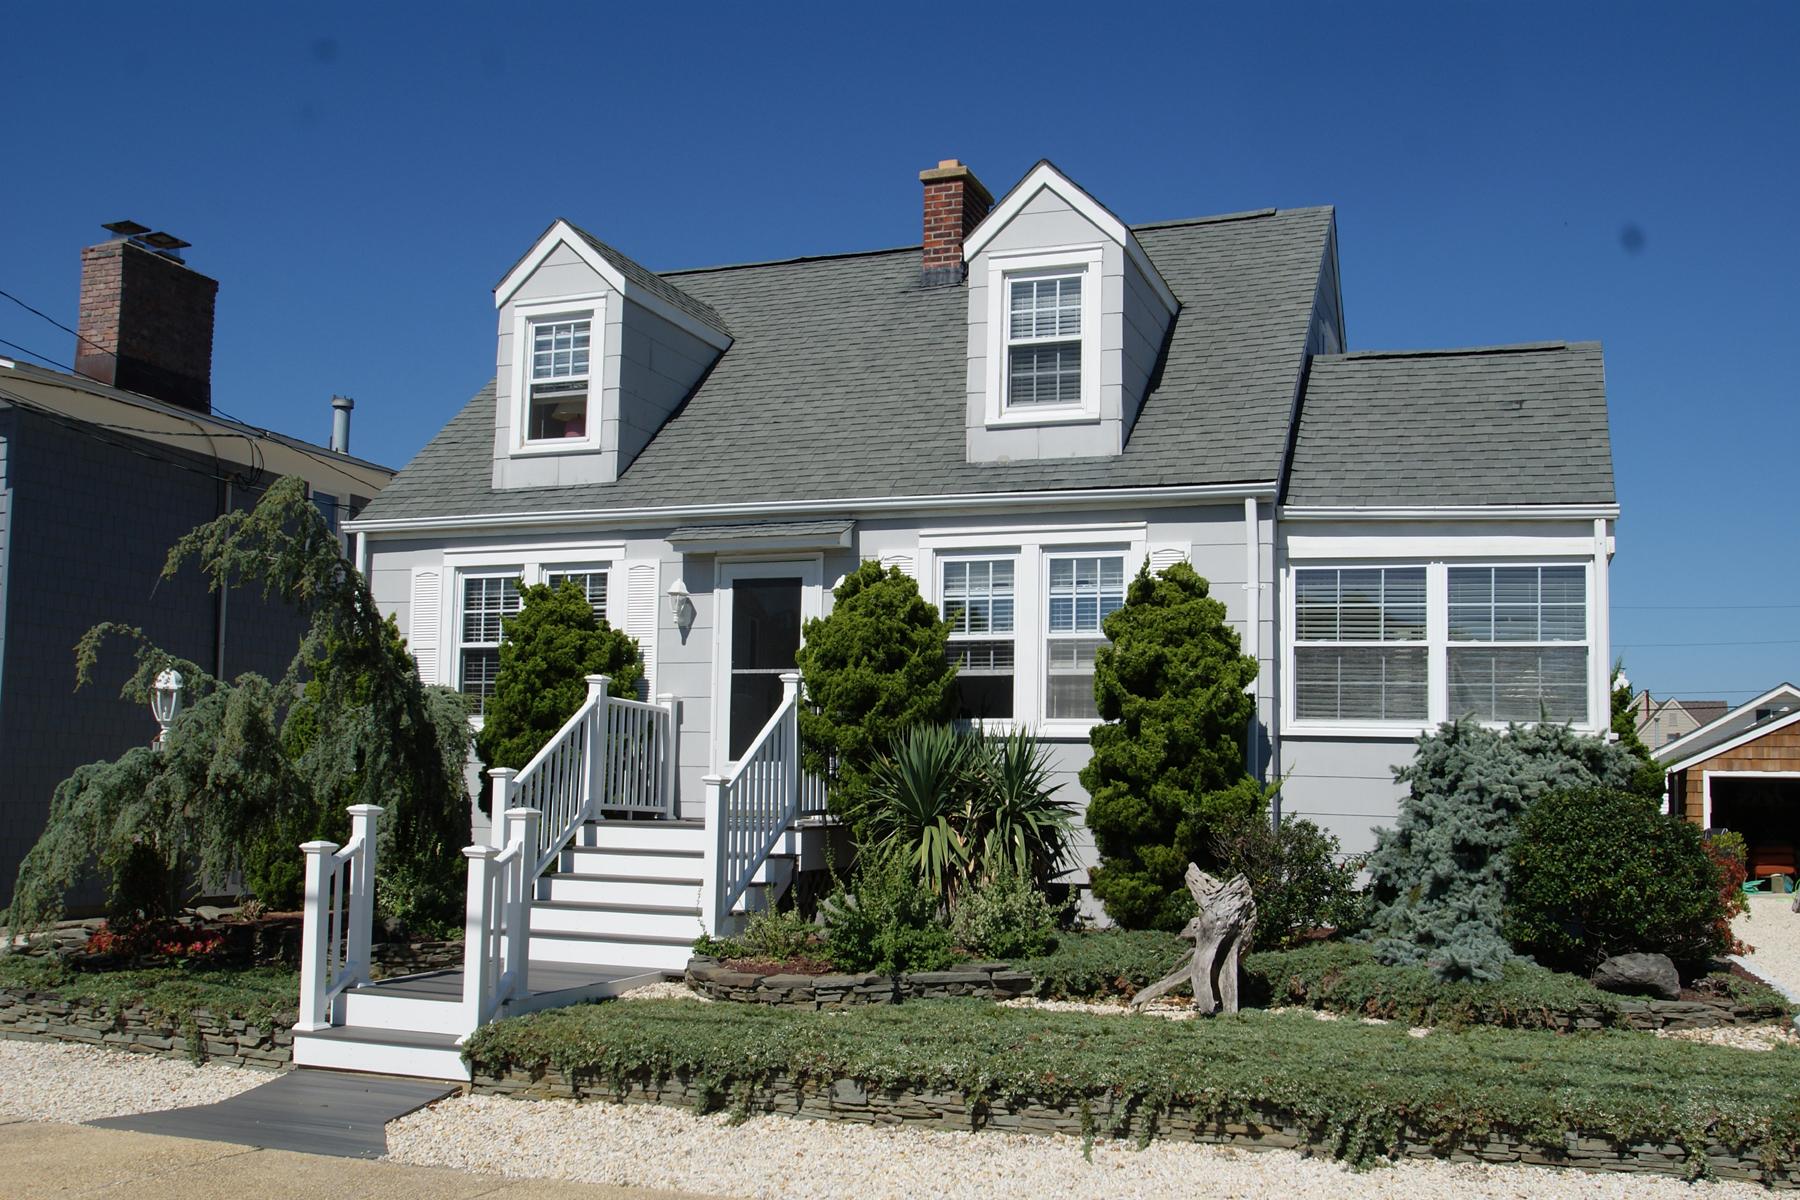 独户住宅 为 销售 在 Warm and Welcome 23 Bond Avenue Lavallette, 新泽西州 08735 美国